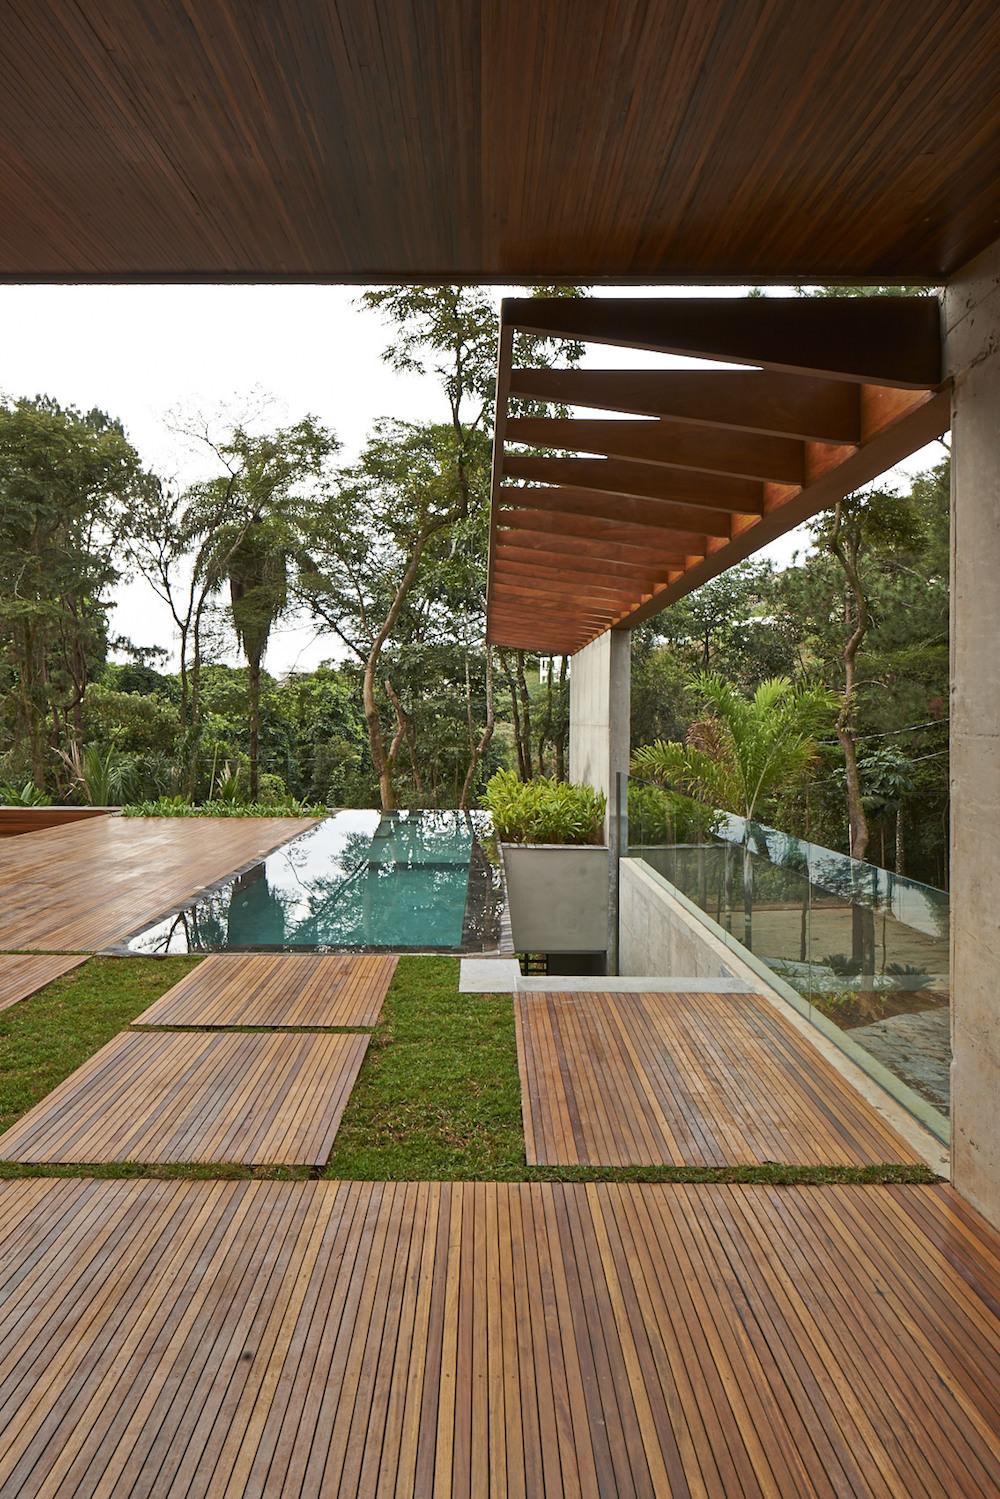 52a3df74e8e44e90be000113_bosque-da-ribeira-anastasia-arquitetos__dsc7359